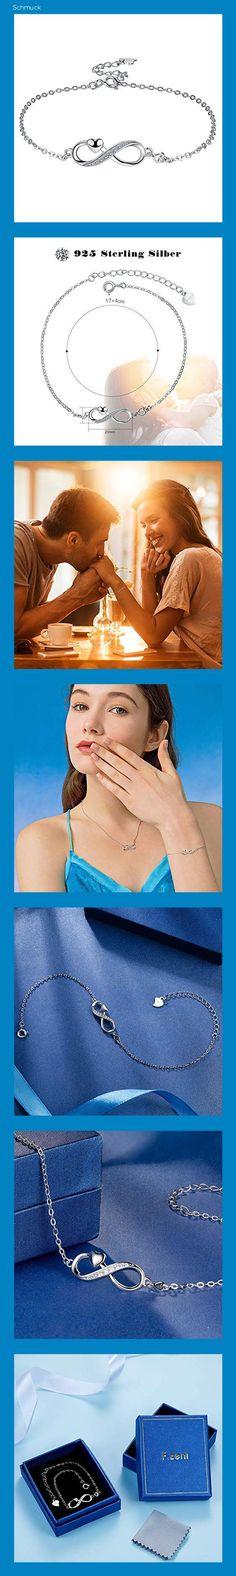 F.ZENI Damen Armband 925 Sterling Silber Unendlichkeit Armband Funkeln Kubisches Zirkonia Liebe für Immer Armbänder für Frauen Mädchen Schmuck Geschenk mit Geschenkbox - 14h6